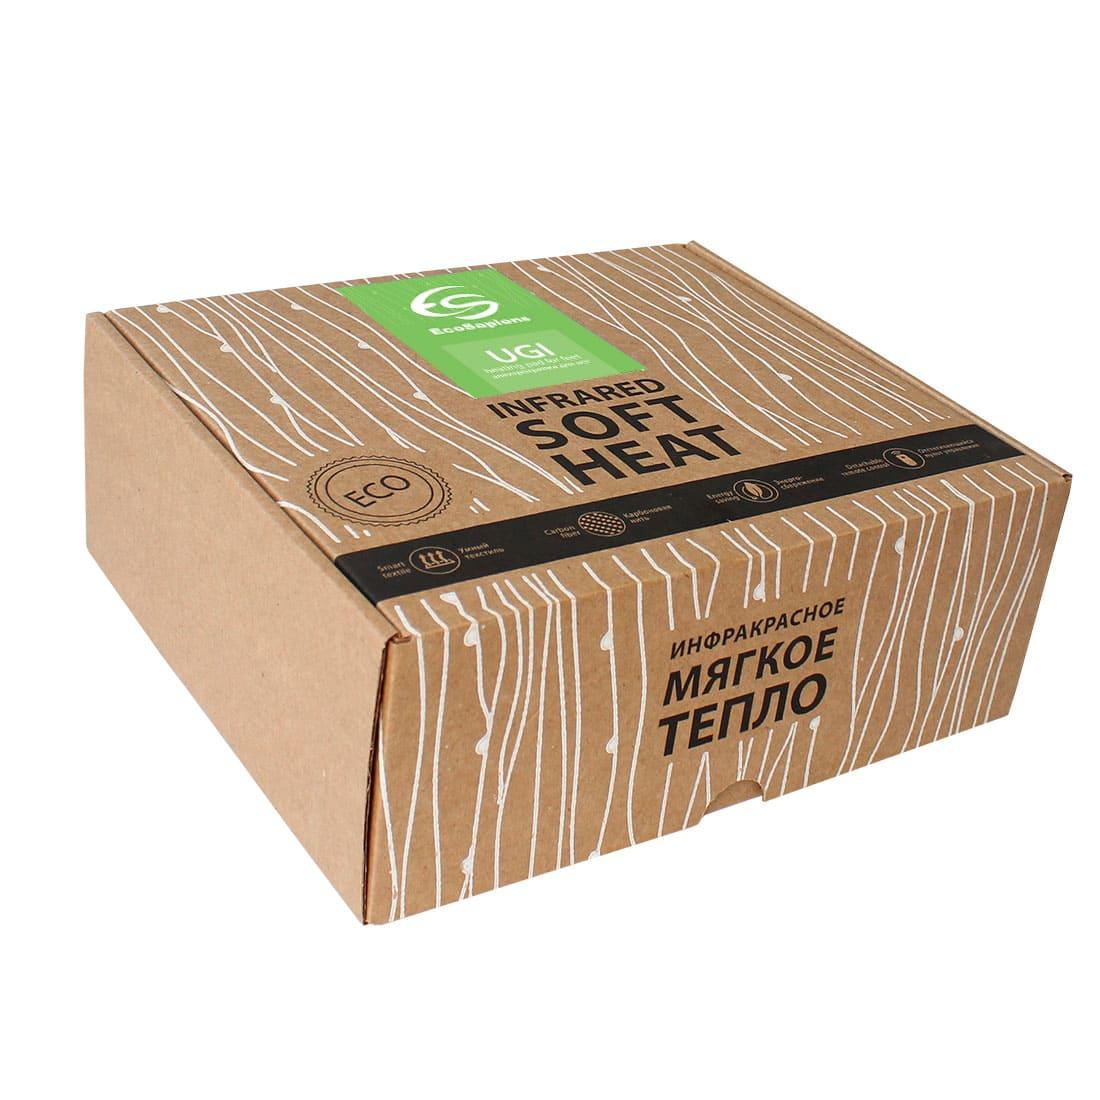 Ugi s285 box